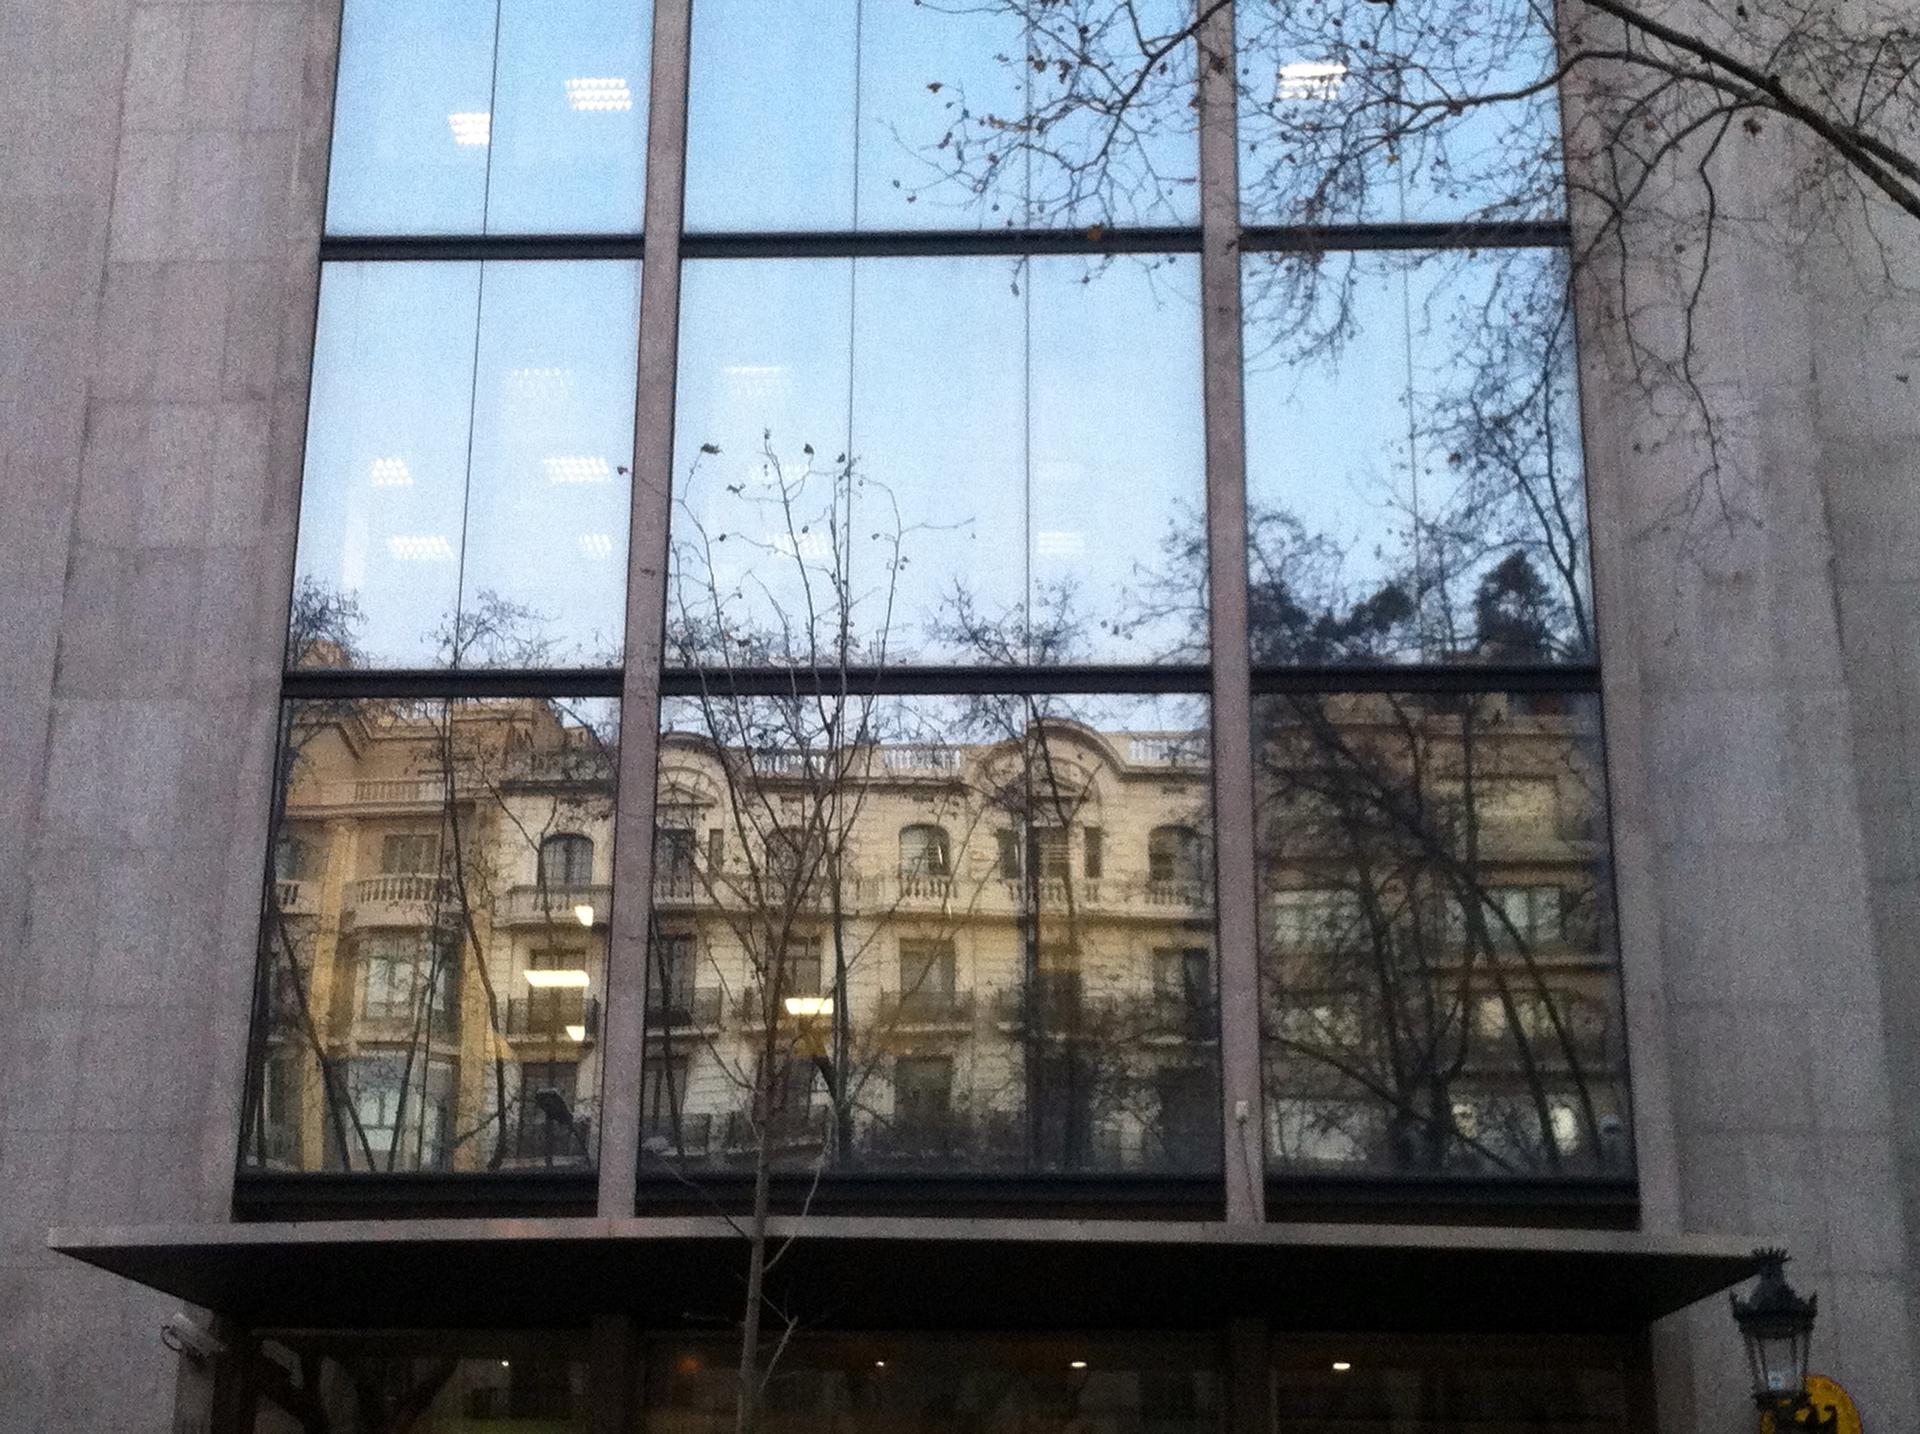 Building reflection | gato.gordi, architecture, building, city